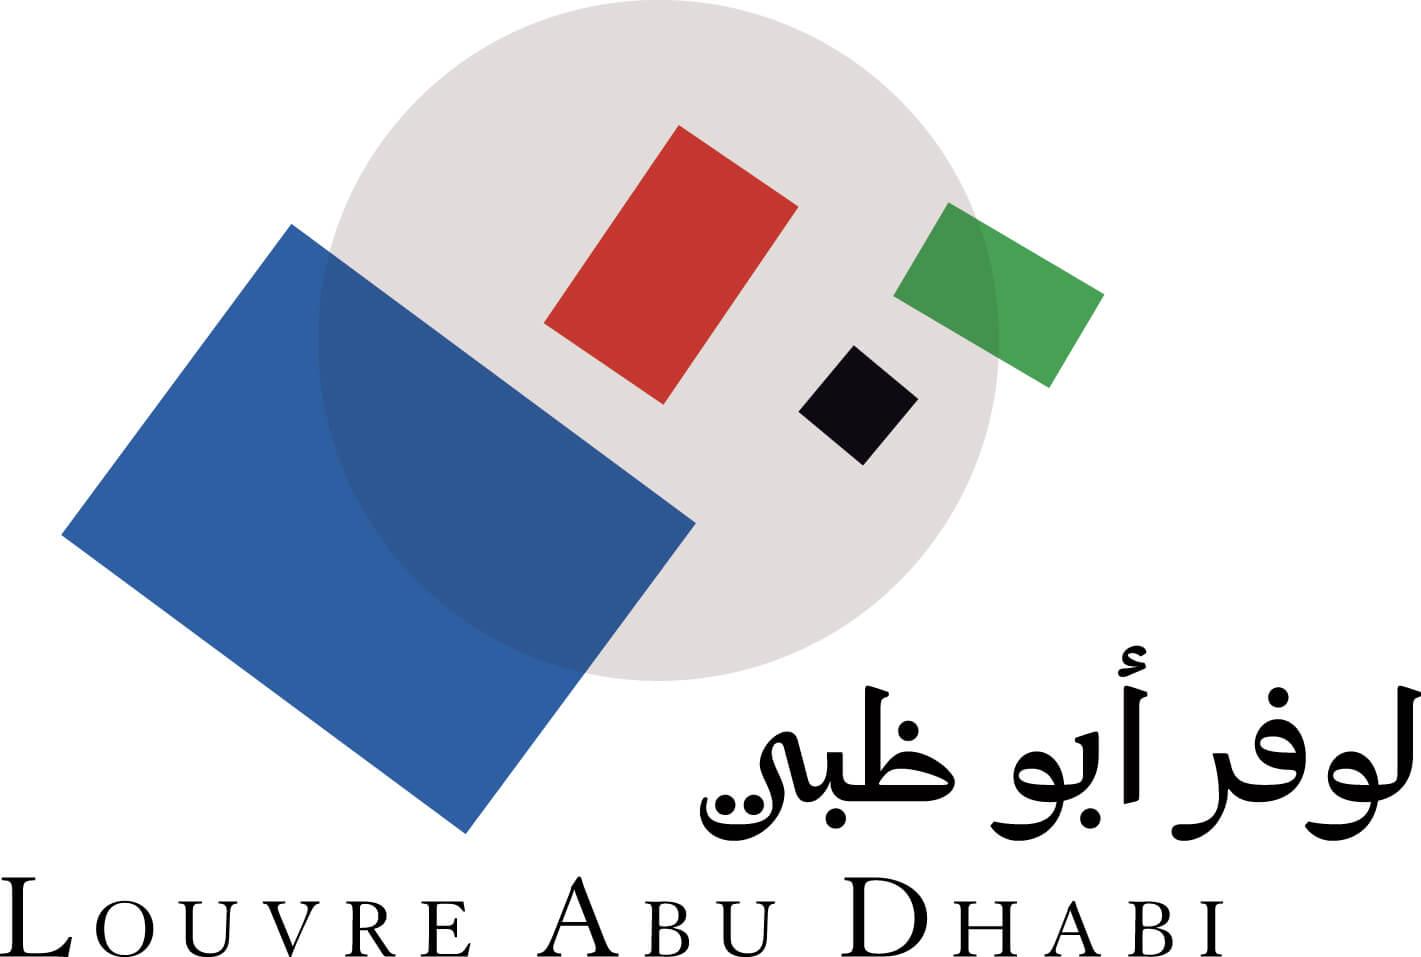 Logo dessiné par ichetkar pour le Louvre Abou Dabi.